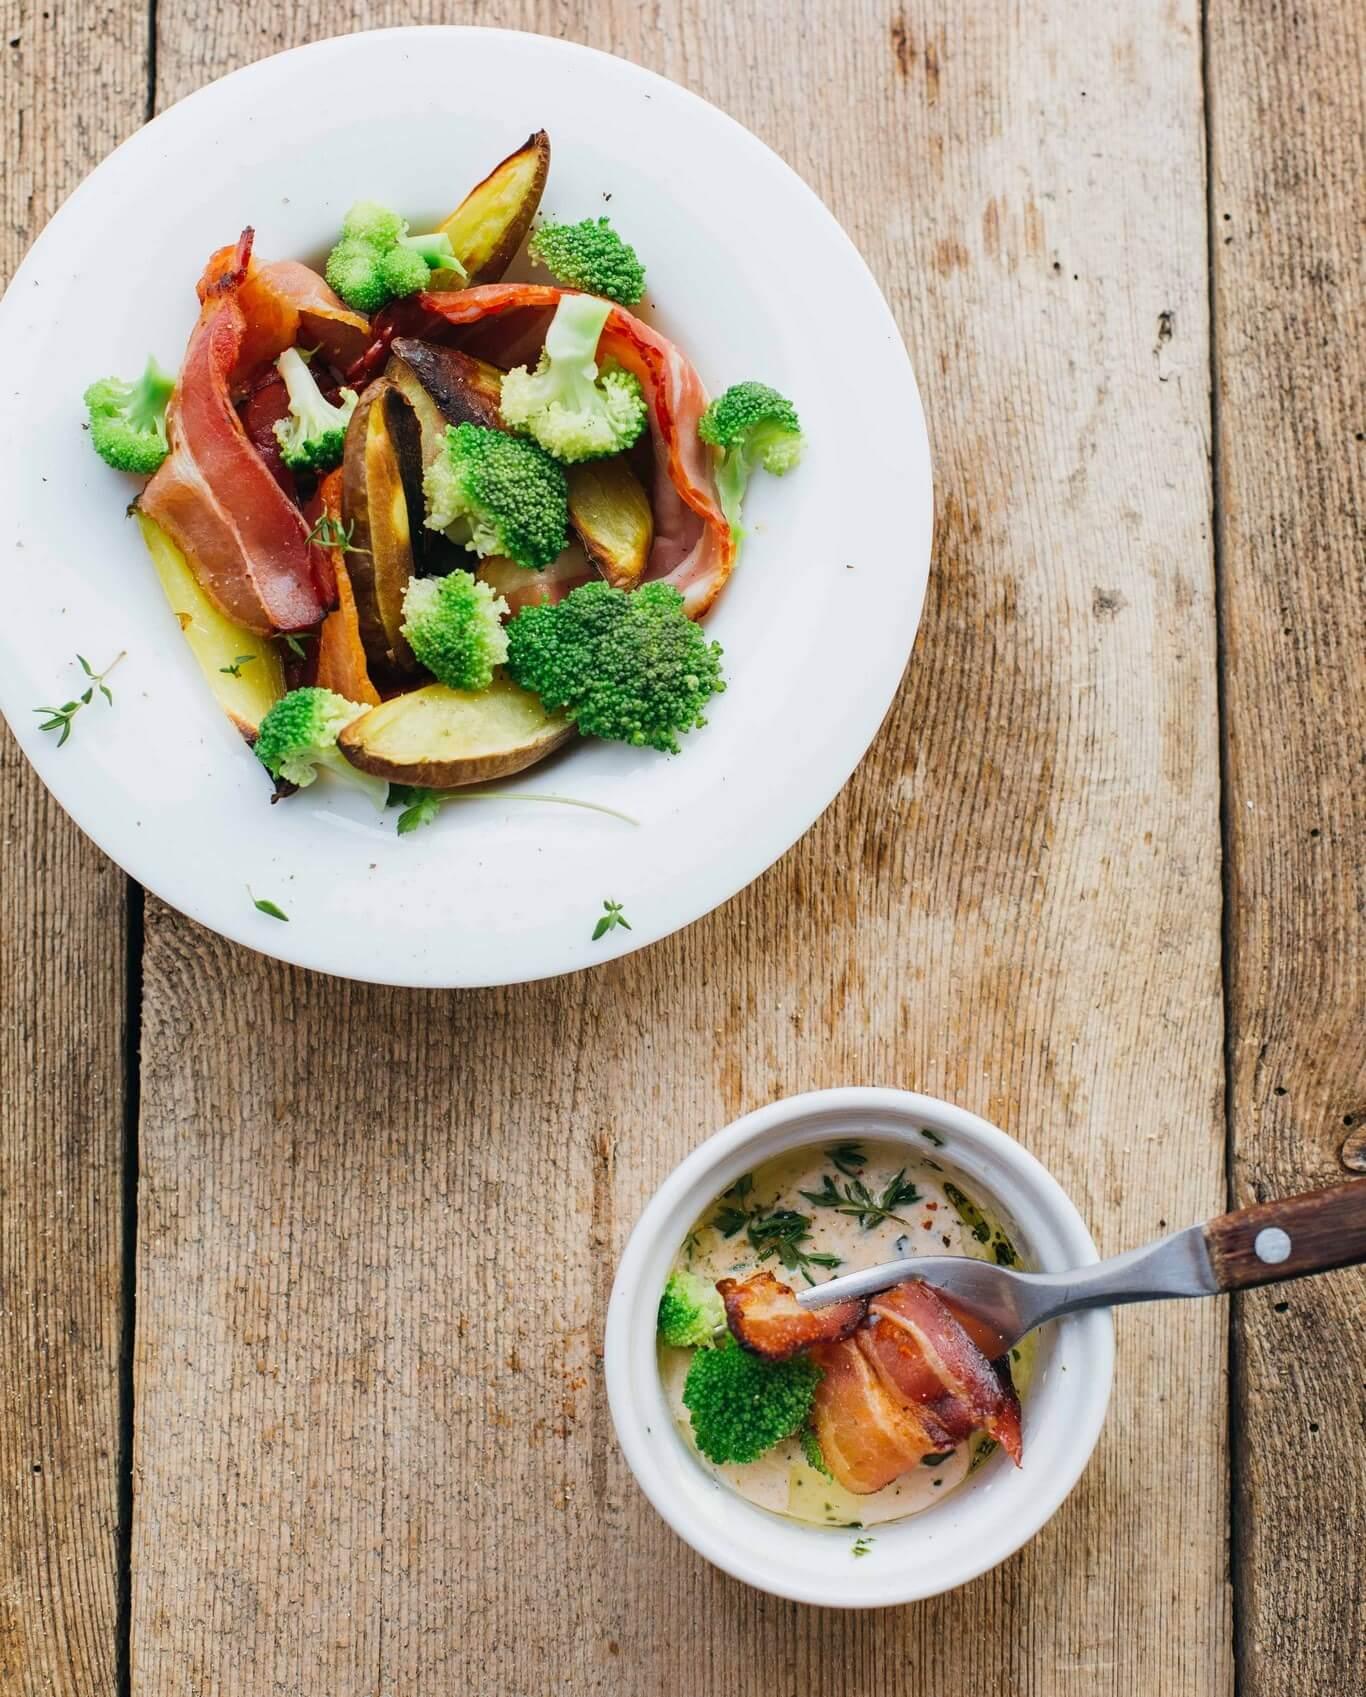 przepis-na-kolacje-salatka-ziemniaczana-z-boczkiem-i-natka-pietruszki2